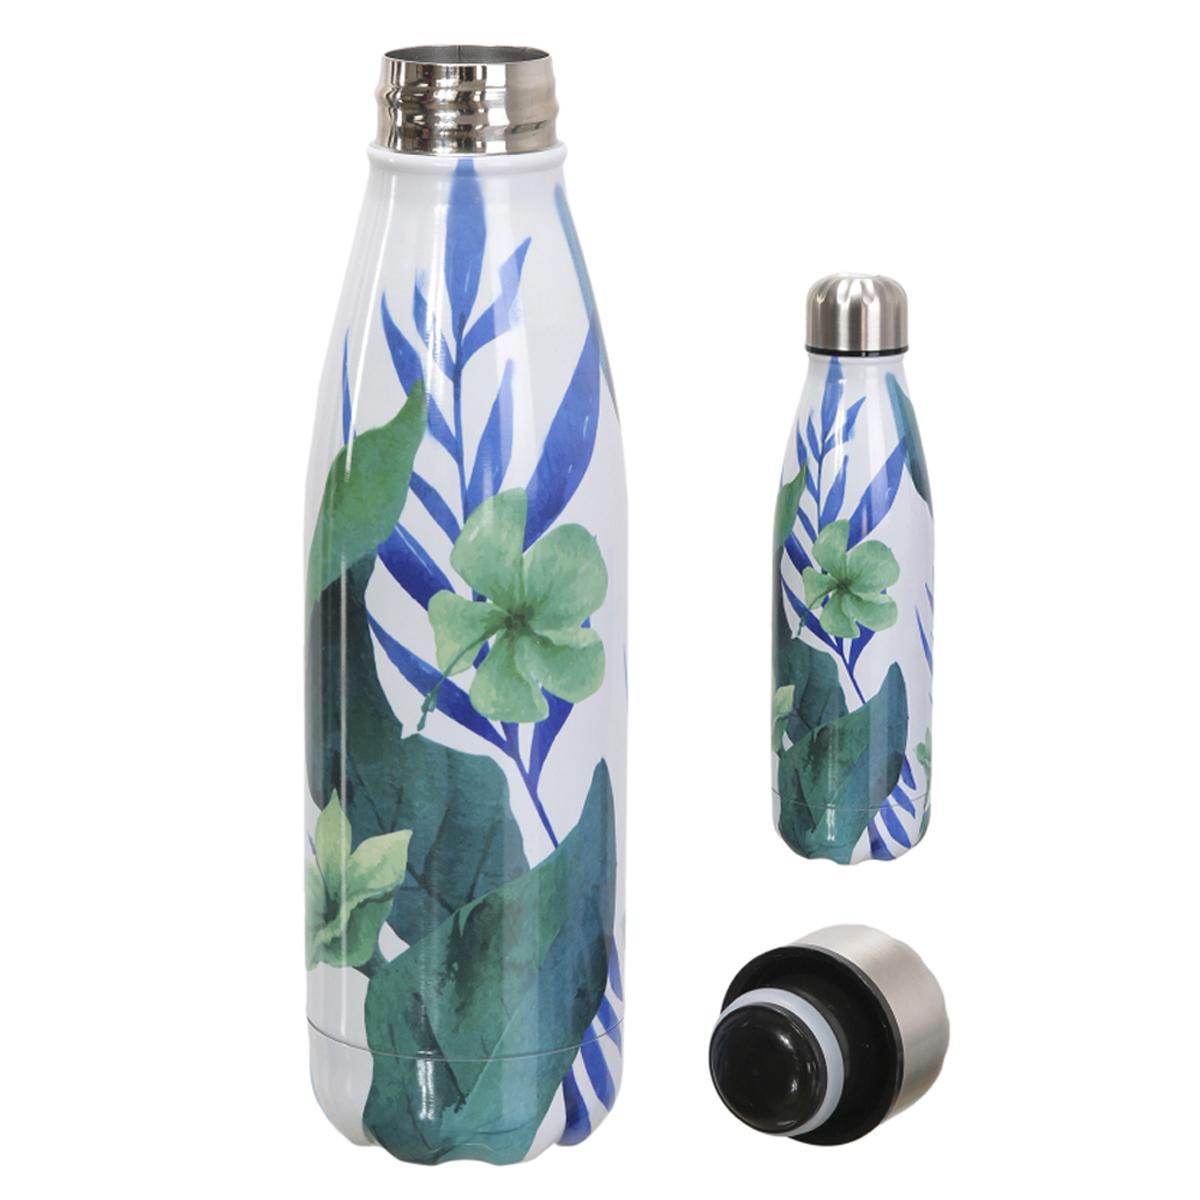 Bouteille isotherme design \'Floral\' bleu - 25x6 cm (500 ml) - [A1721]